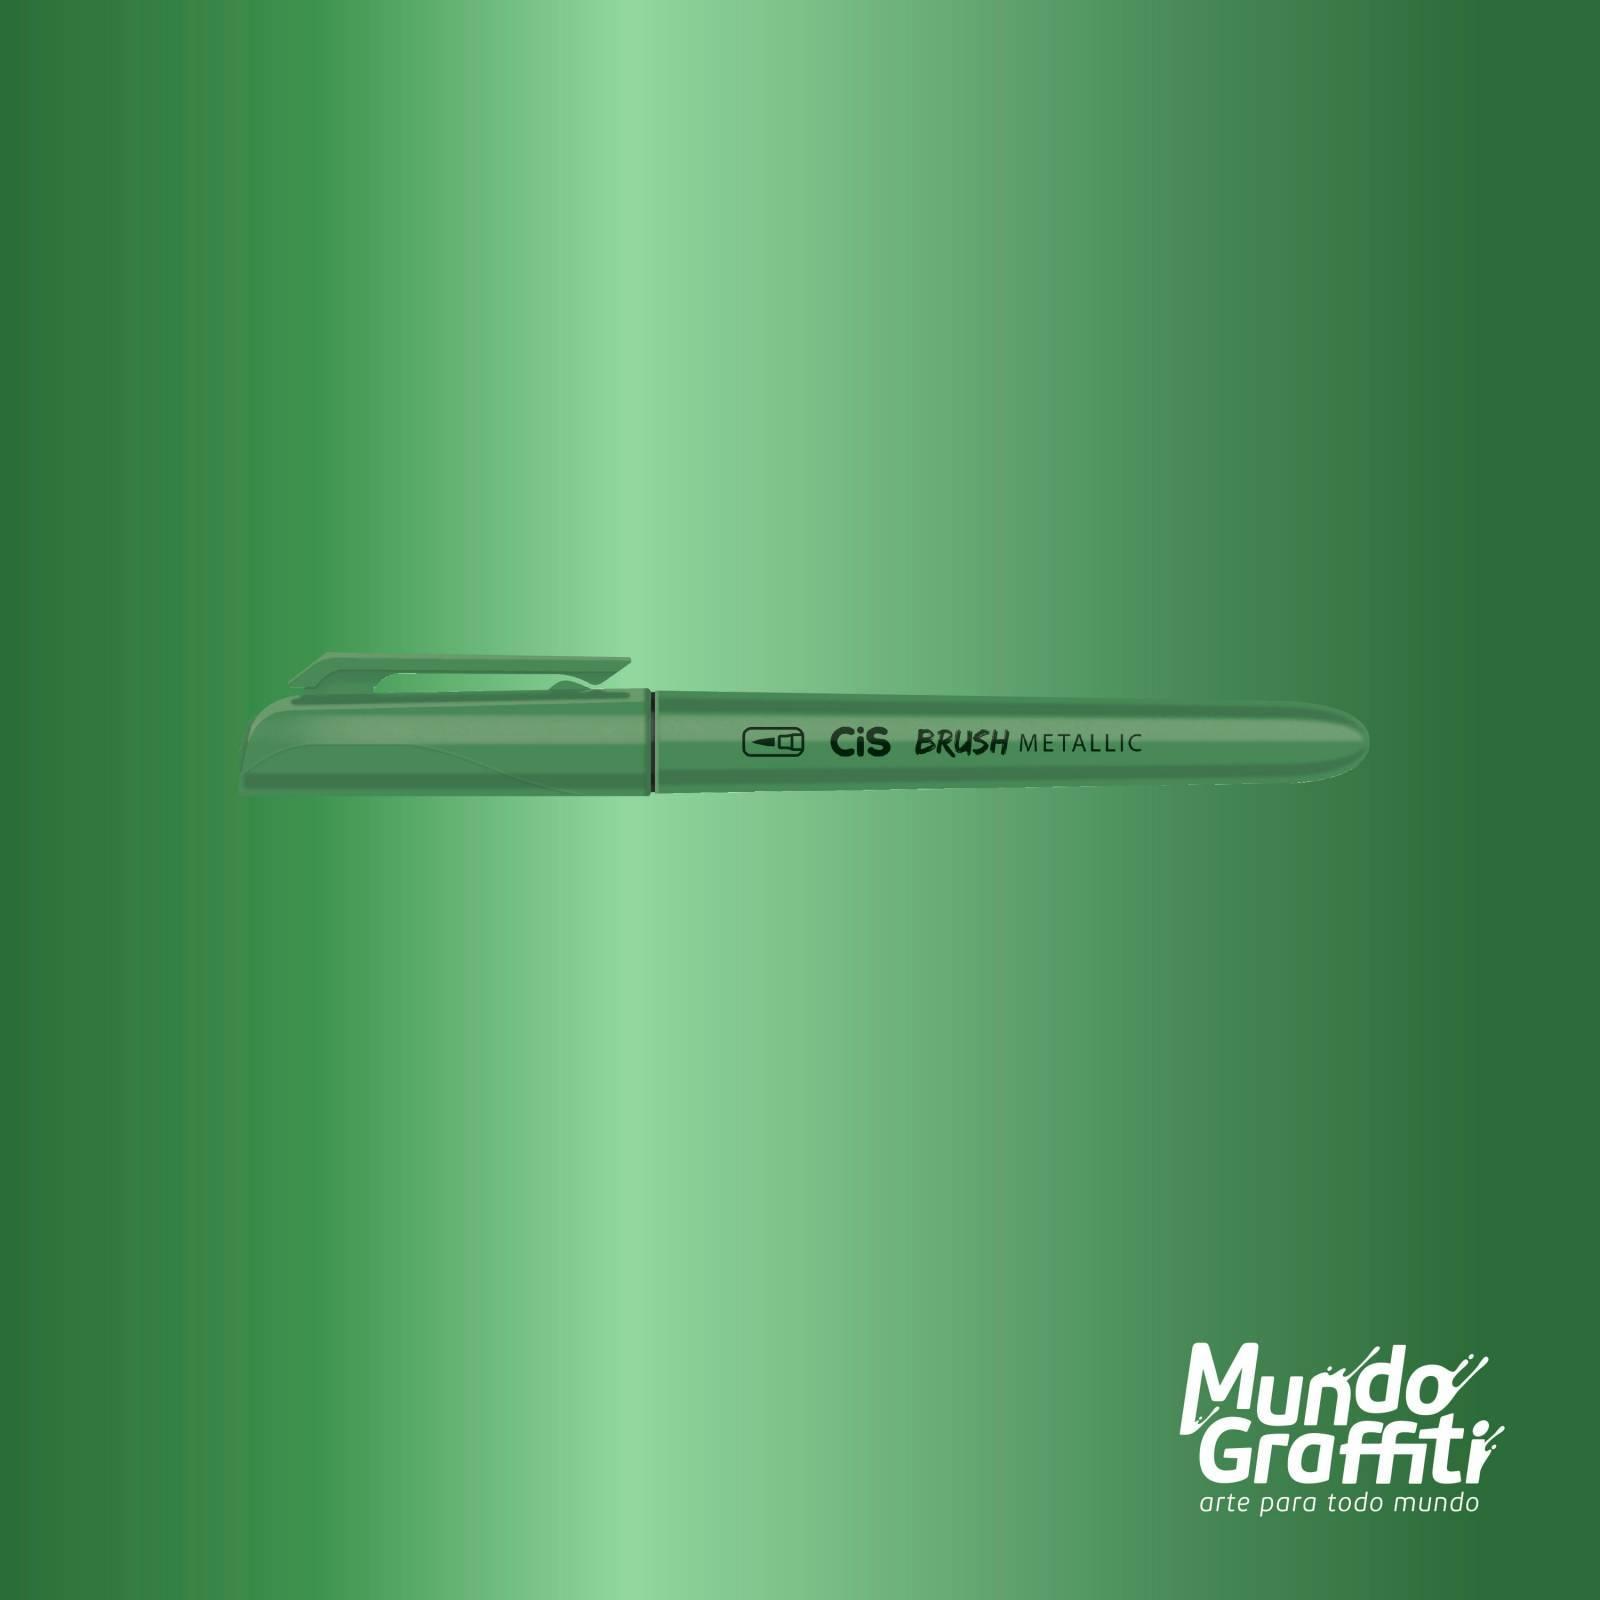 Caneta CiS Brush Metálica Verde - Mundo Graffiti